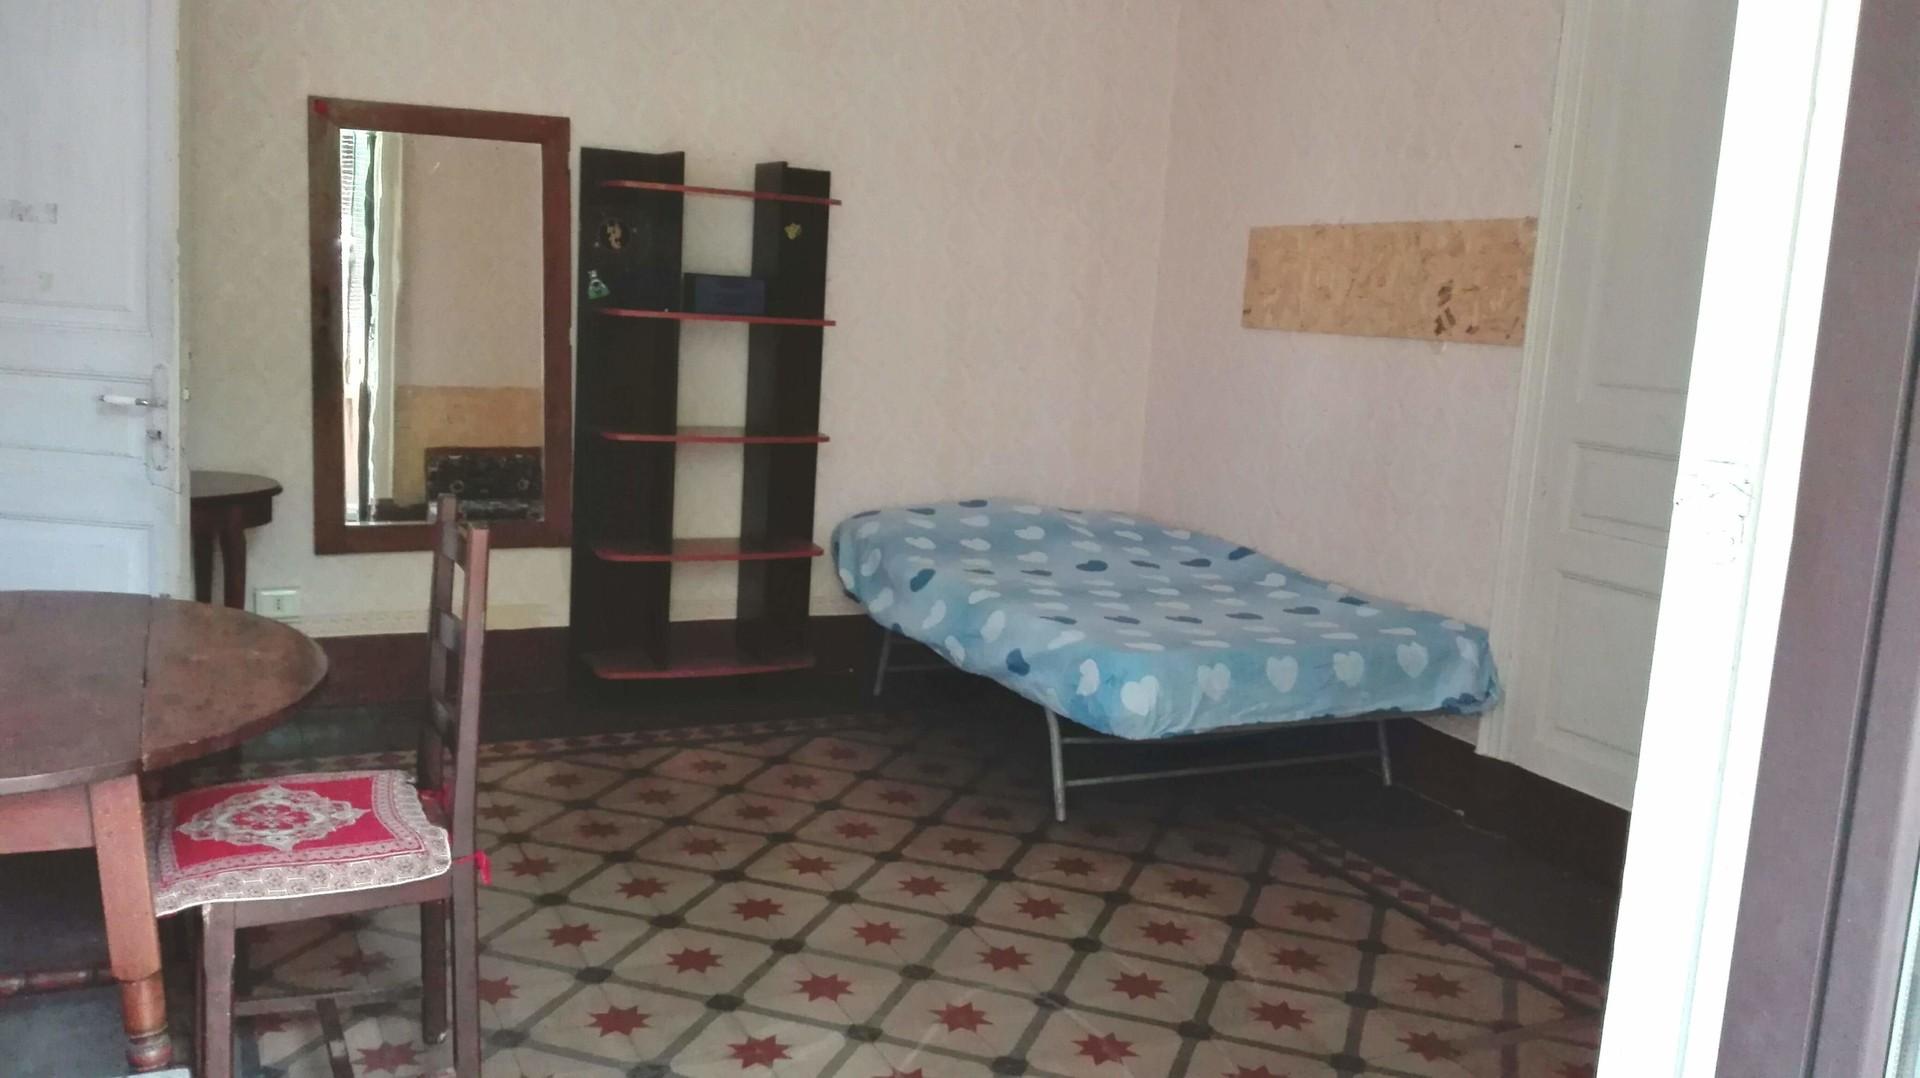 stanza-singola-per-ragazze-e7433790f73b032d965cd07e198e7682